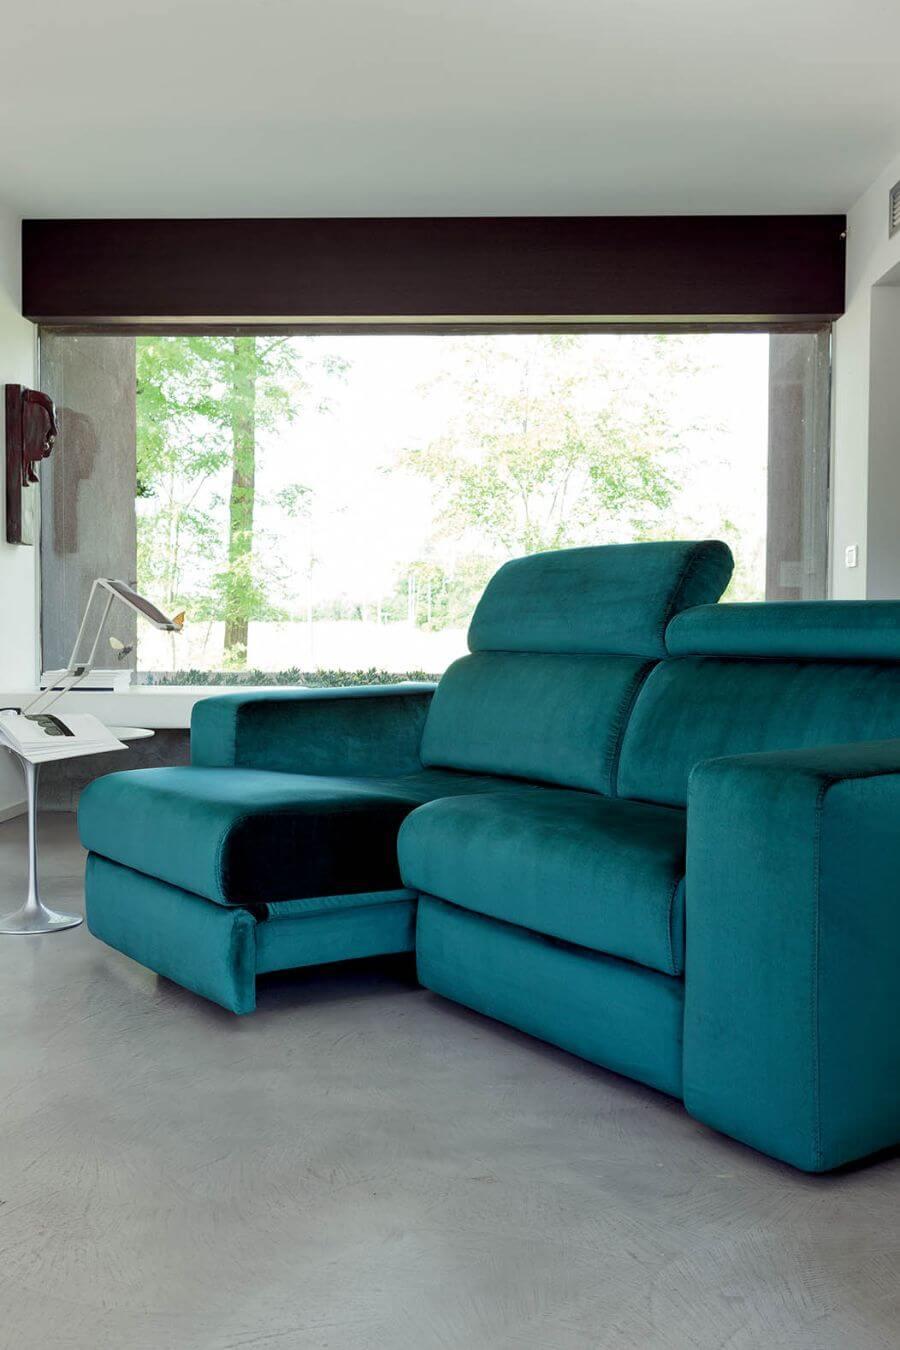 divani-relax-collezione-dallas-il-mobile (4)